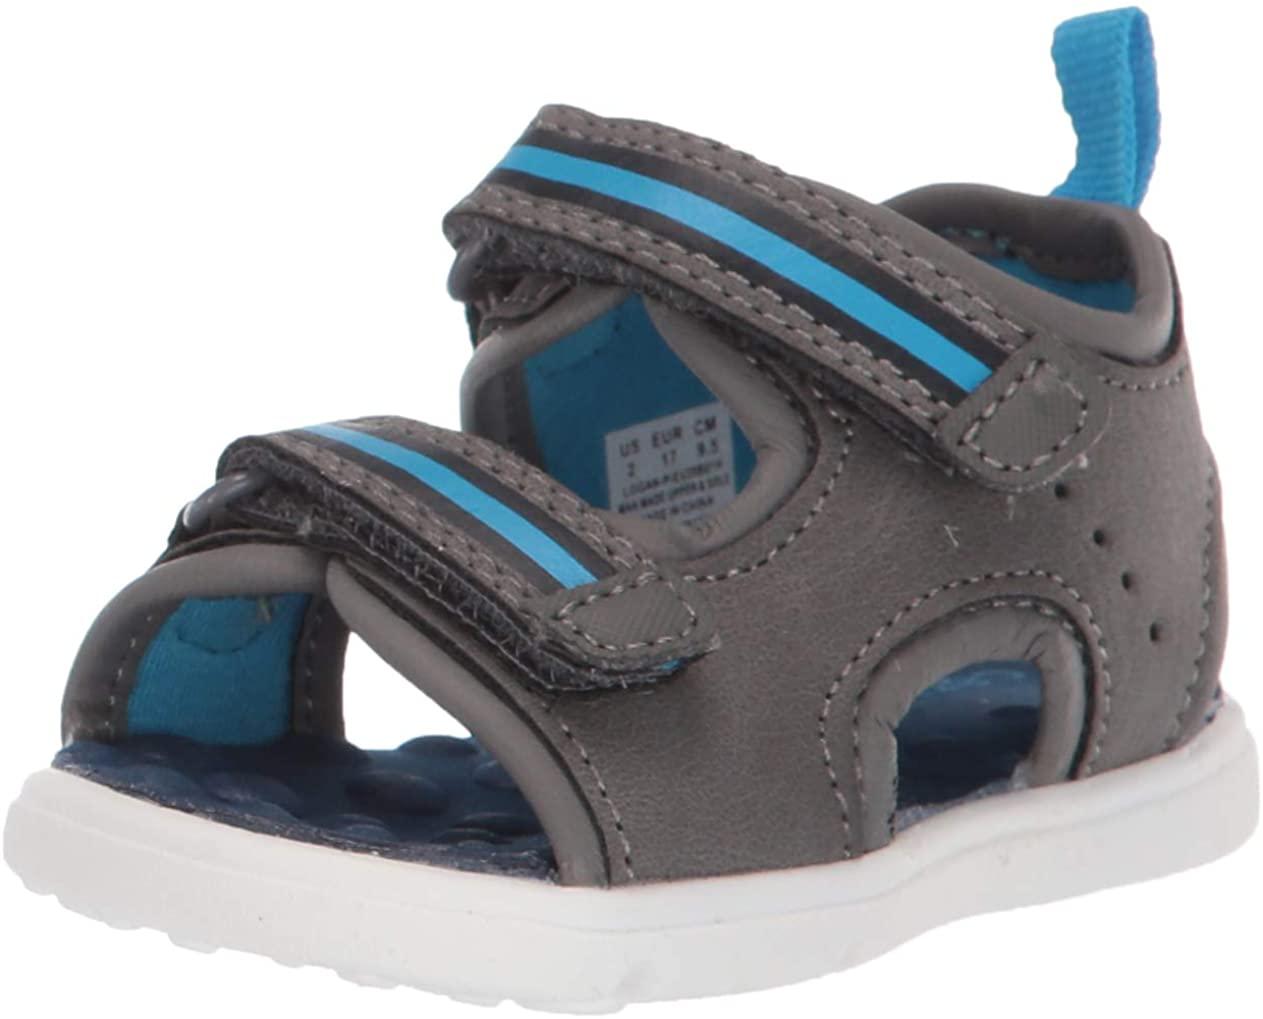 Carter's Kids' Logan Slide Sandal